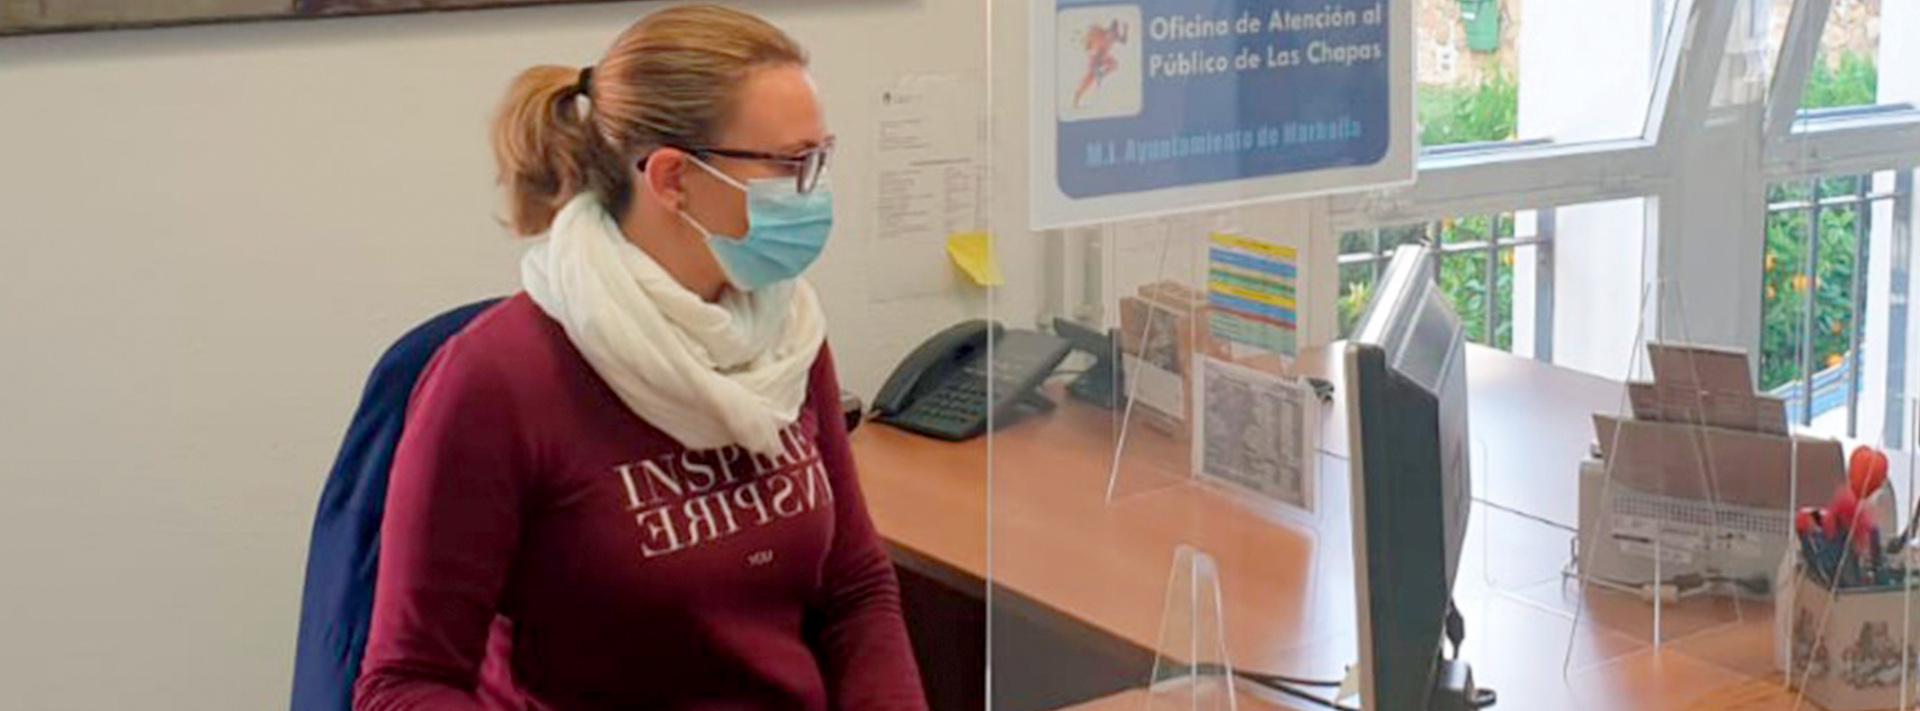 Nueva oficina de atención al deportista en Nueva Andalucía